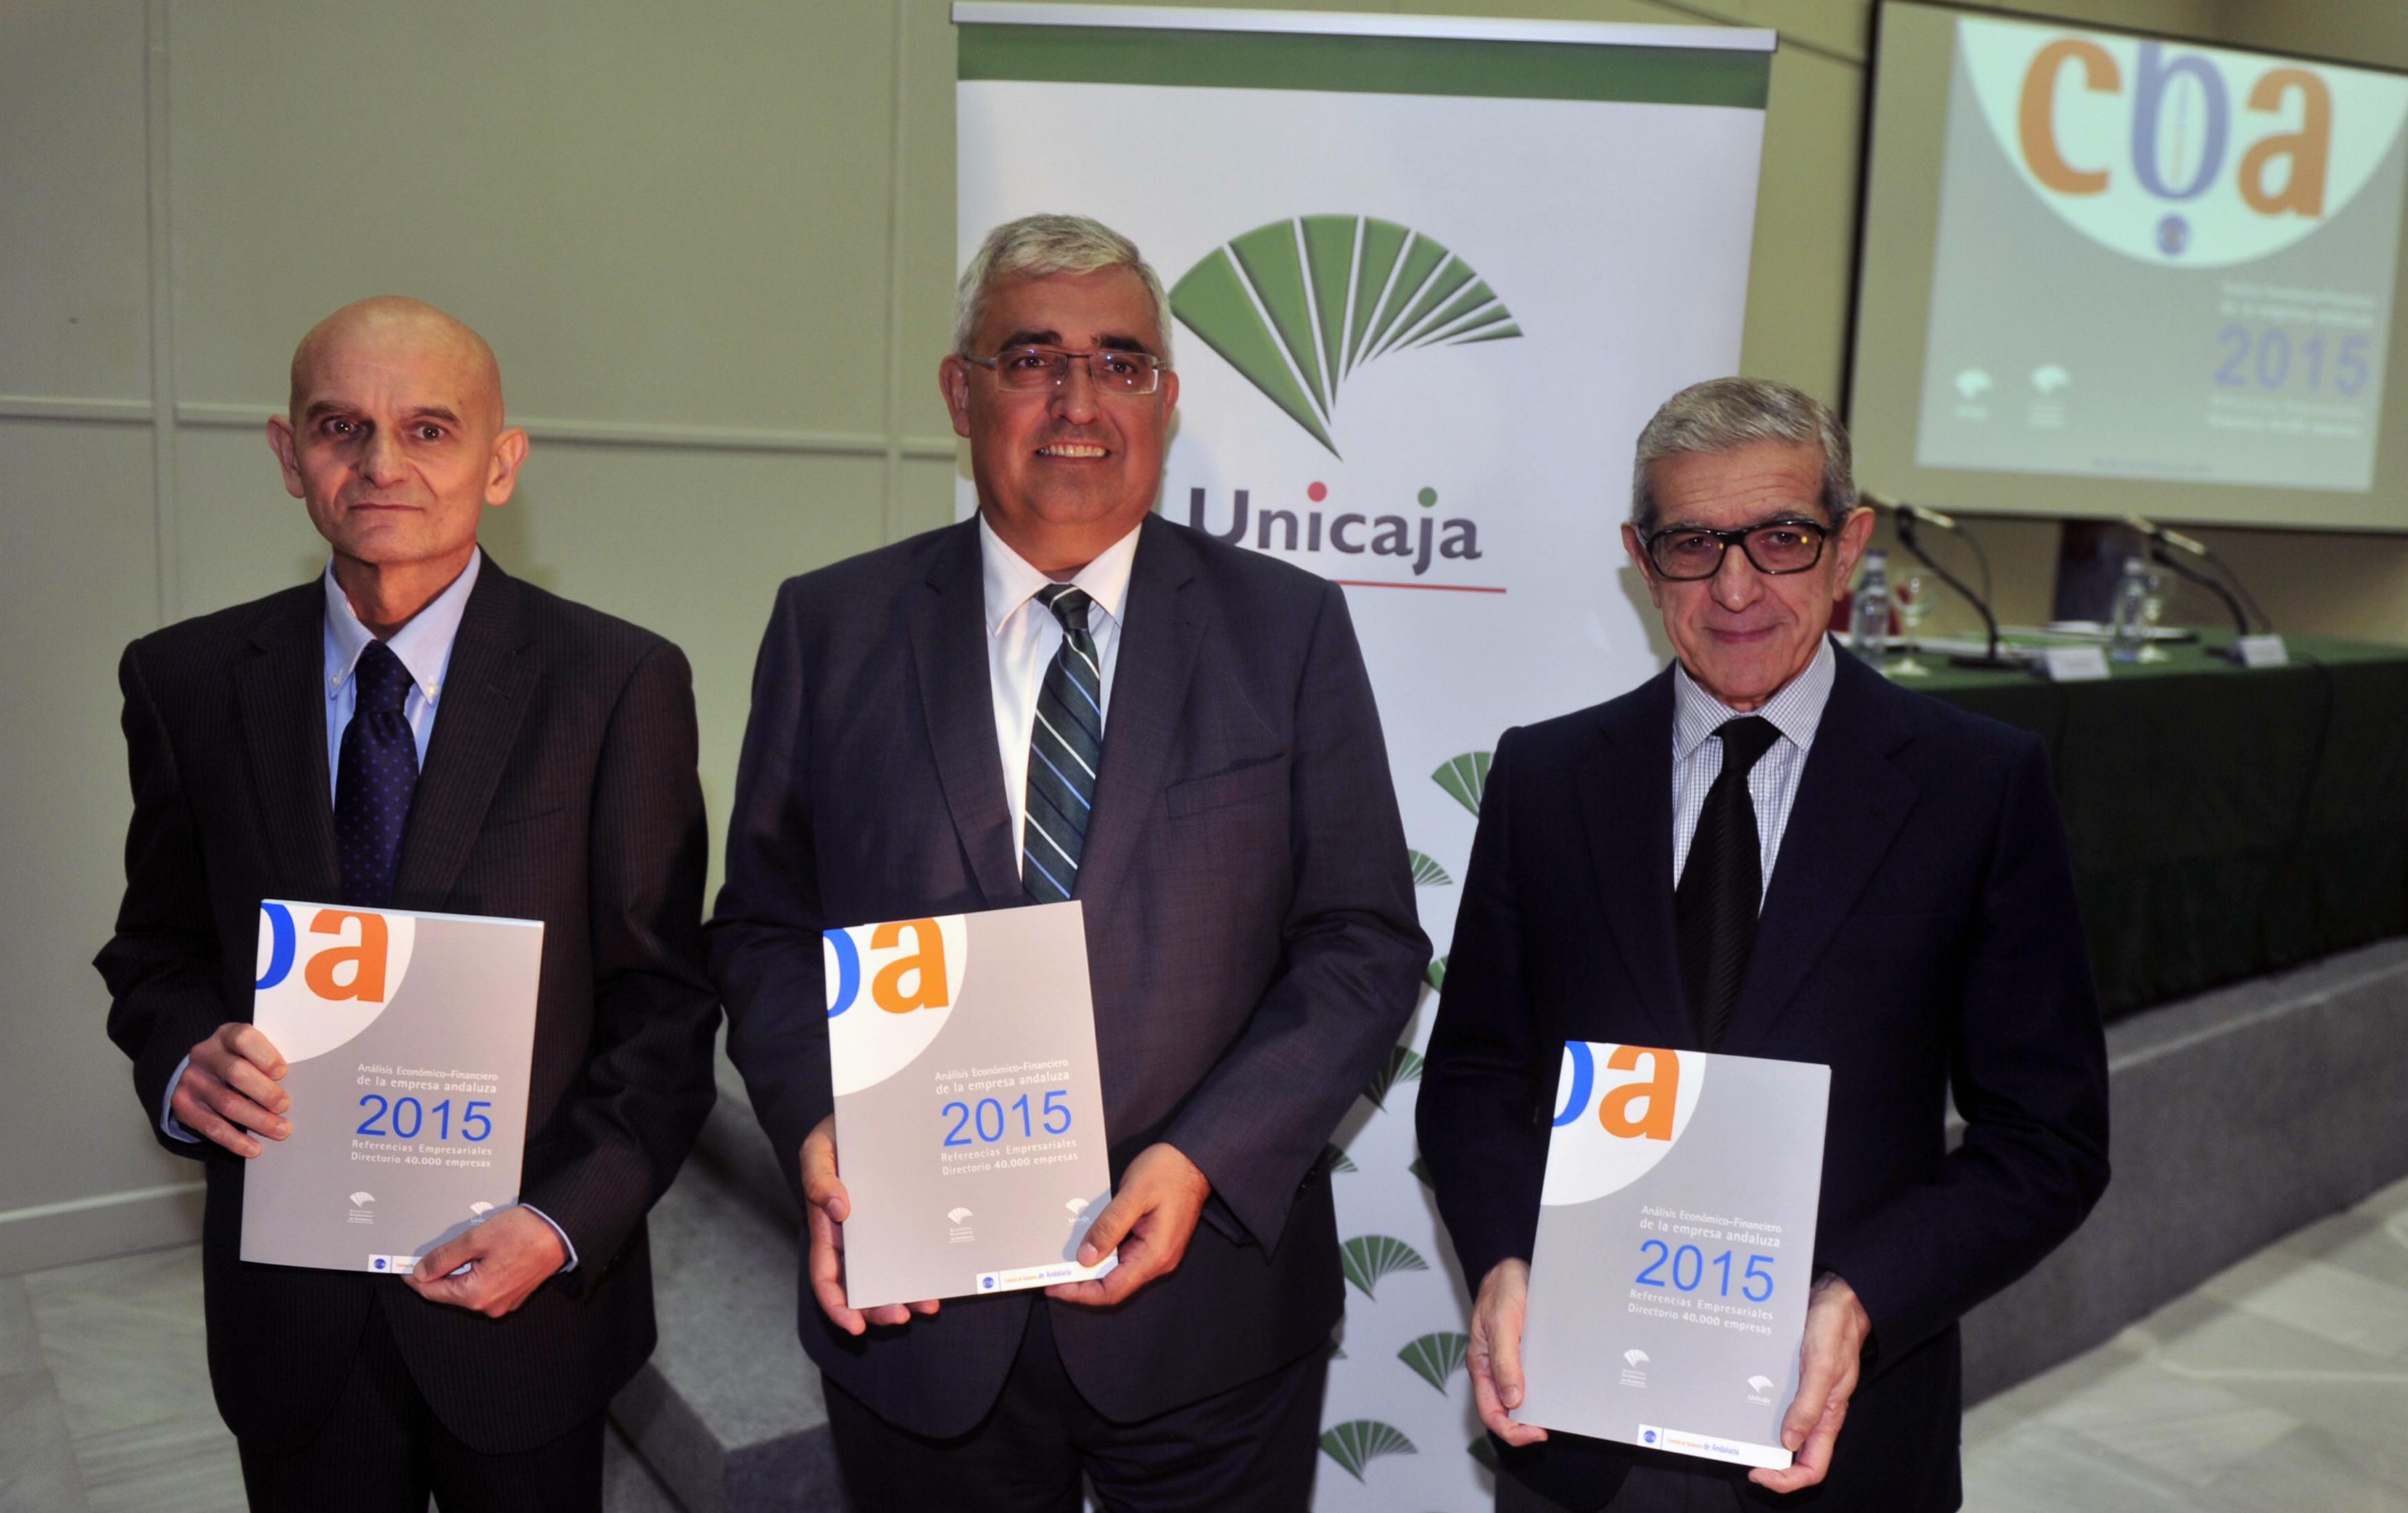 Málaga lidera la rentabilidad empresarial en Andalucía, según un informe de Unicaja